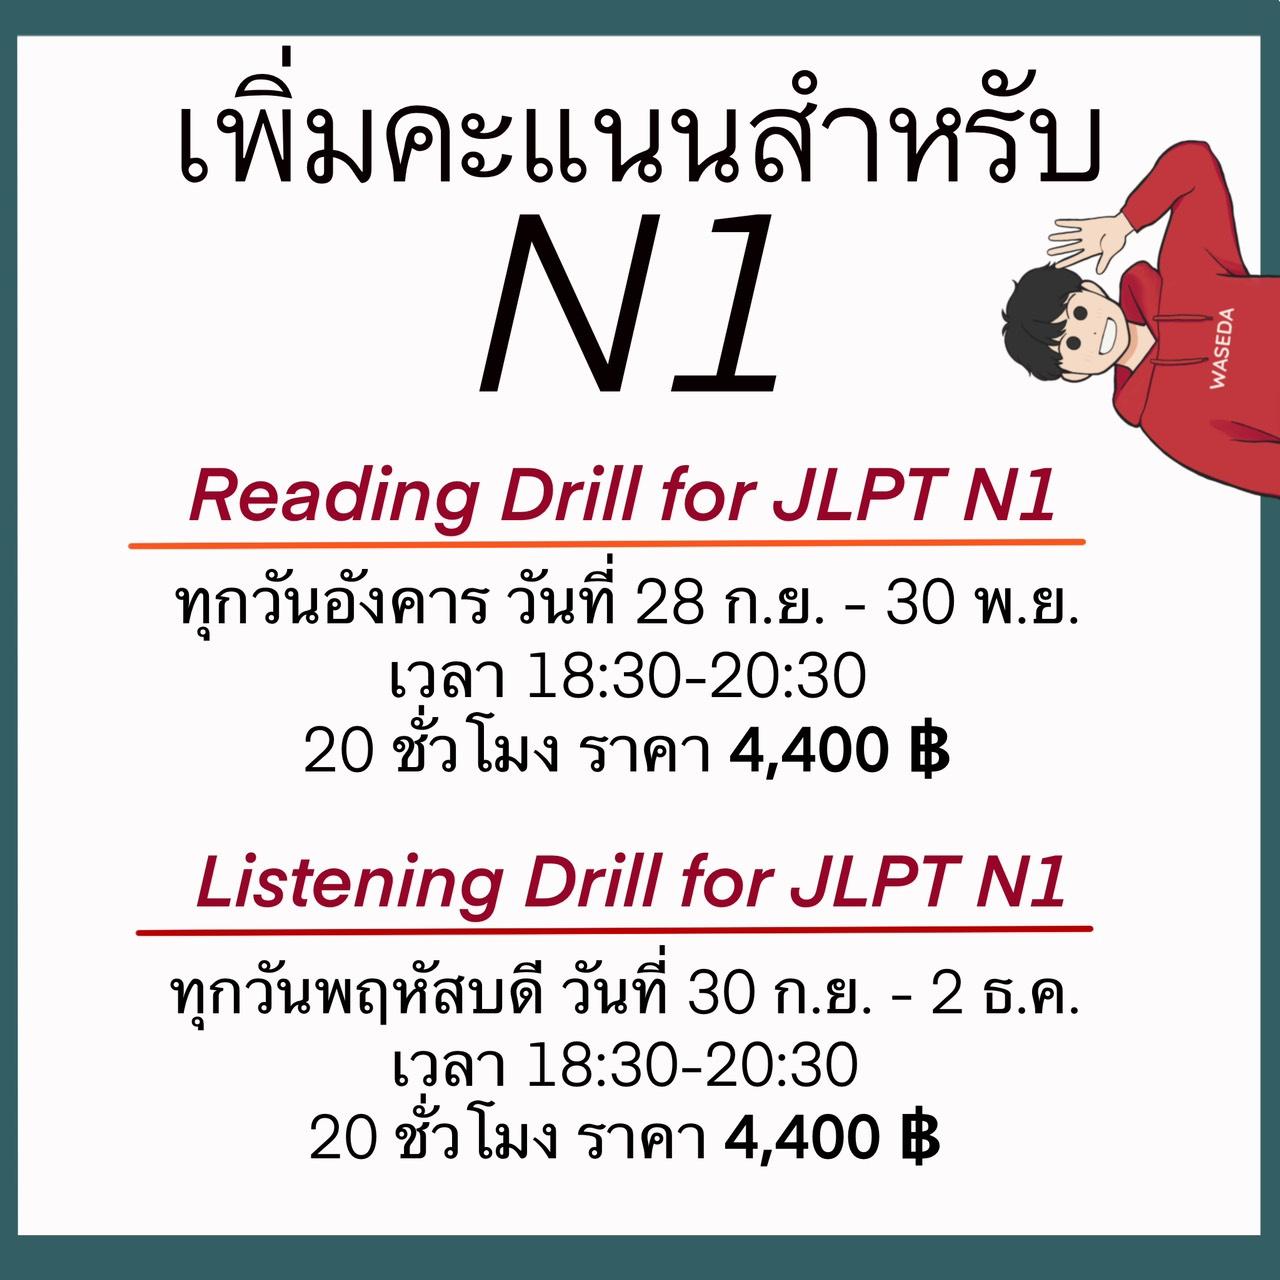 ติวสอบ JLPT N1